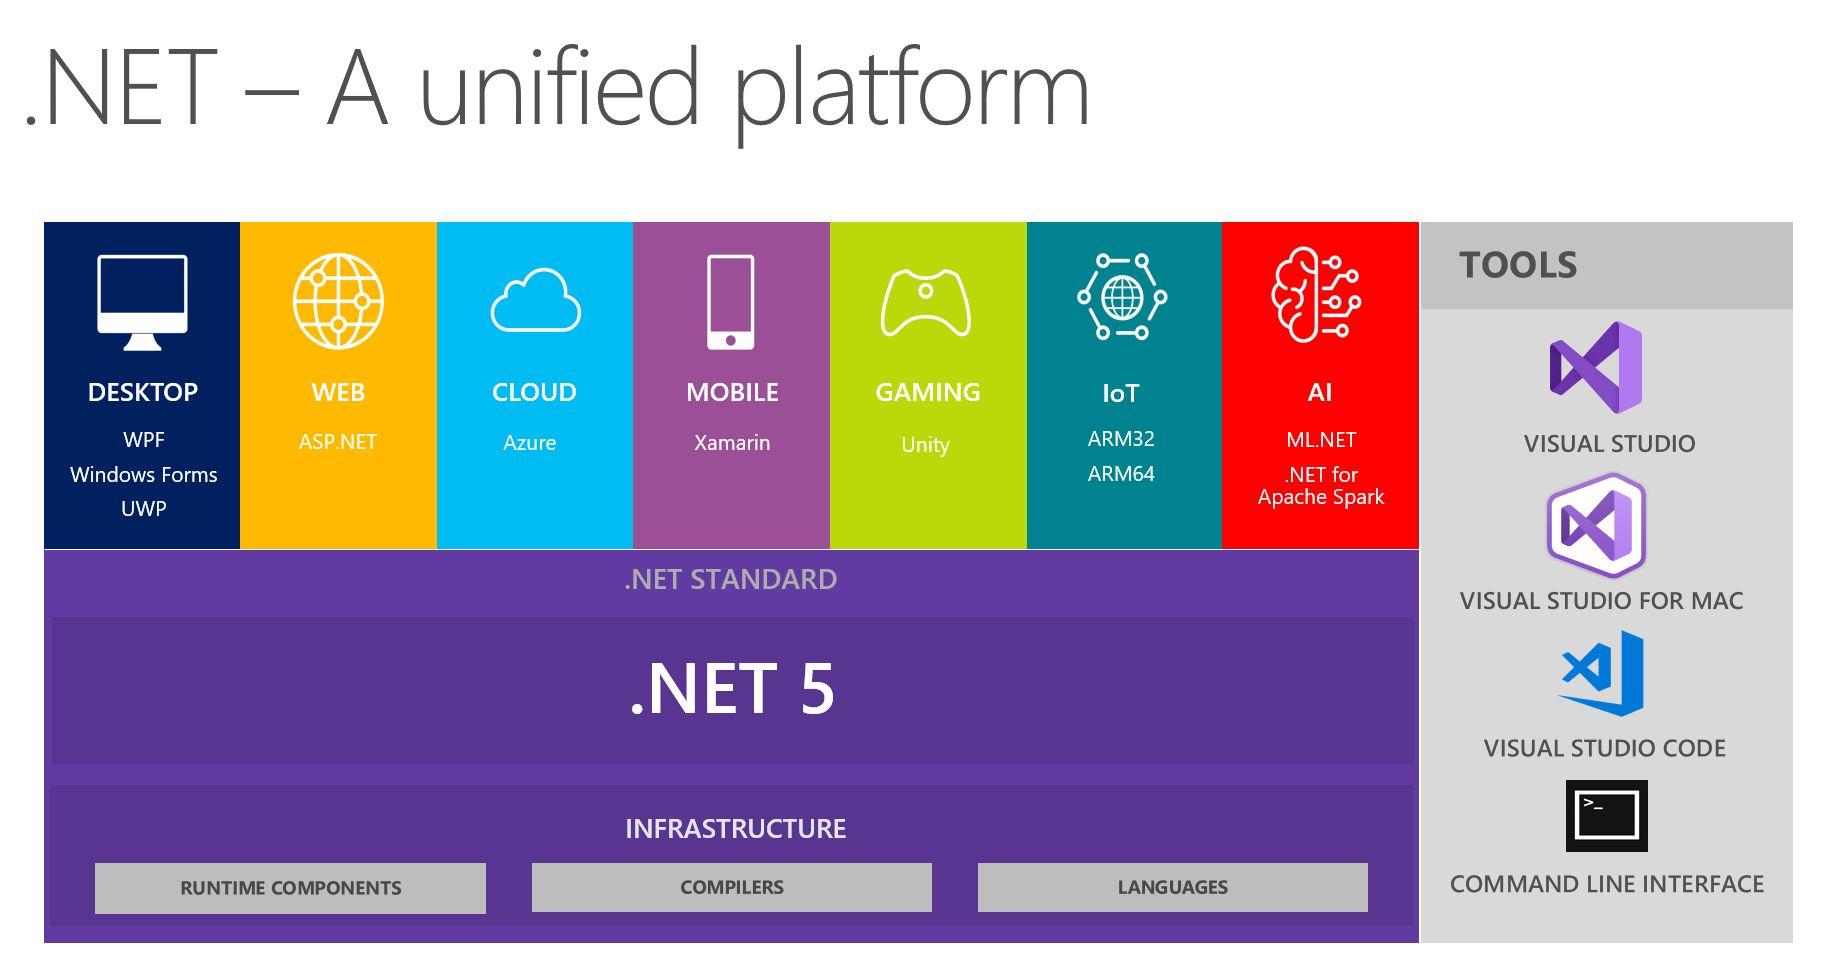 222991d101 NET platform felhasználásával egyetlen kódbázissal lehet majd az eszközök  széles spektrumát megcélozni, a PC-től kezdve a mobilokon és táblagépeken  át ...